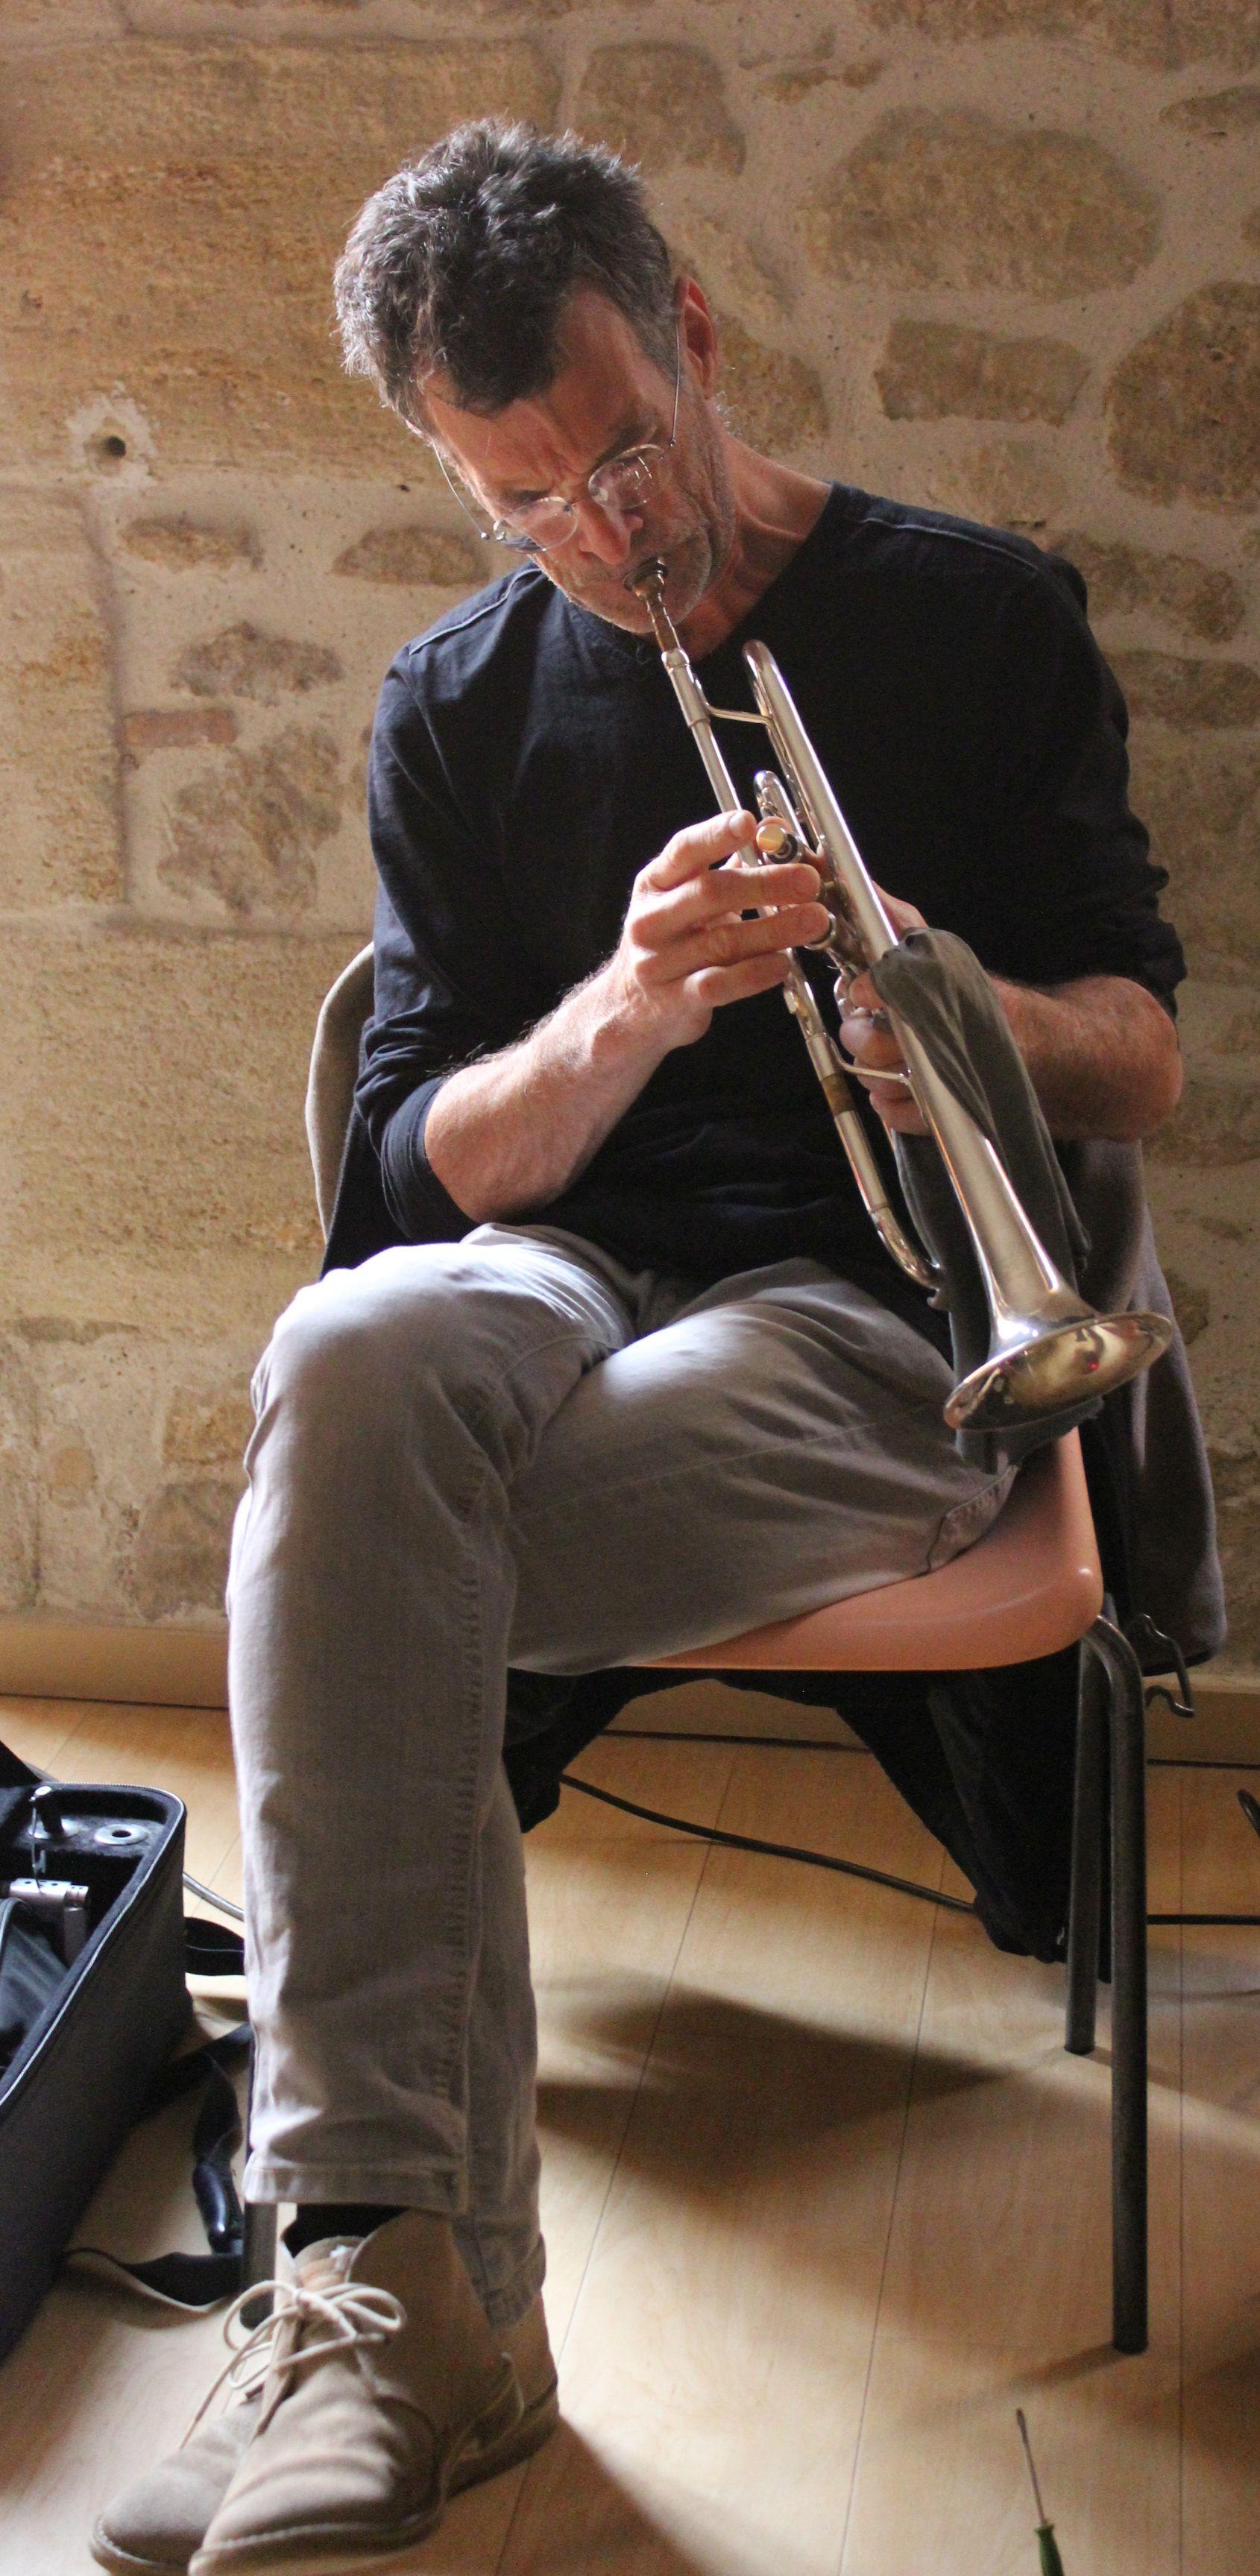 sieste musicale au centre culturel des Carmes de Langon, 2 décembre 2017 - Photo : Muriel, Carmes